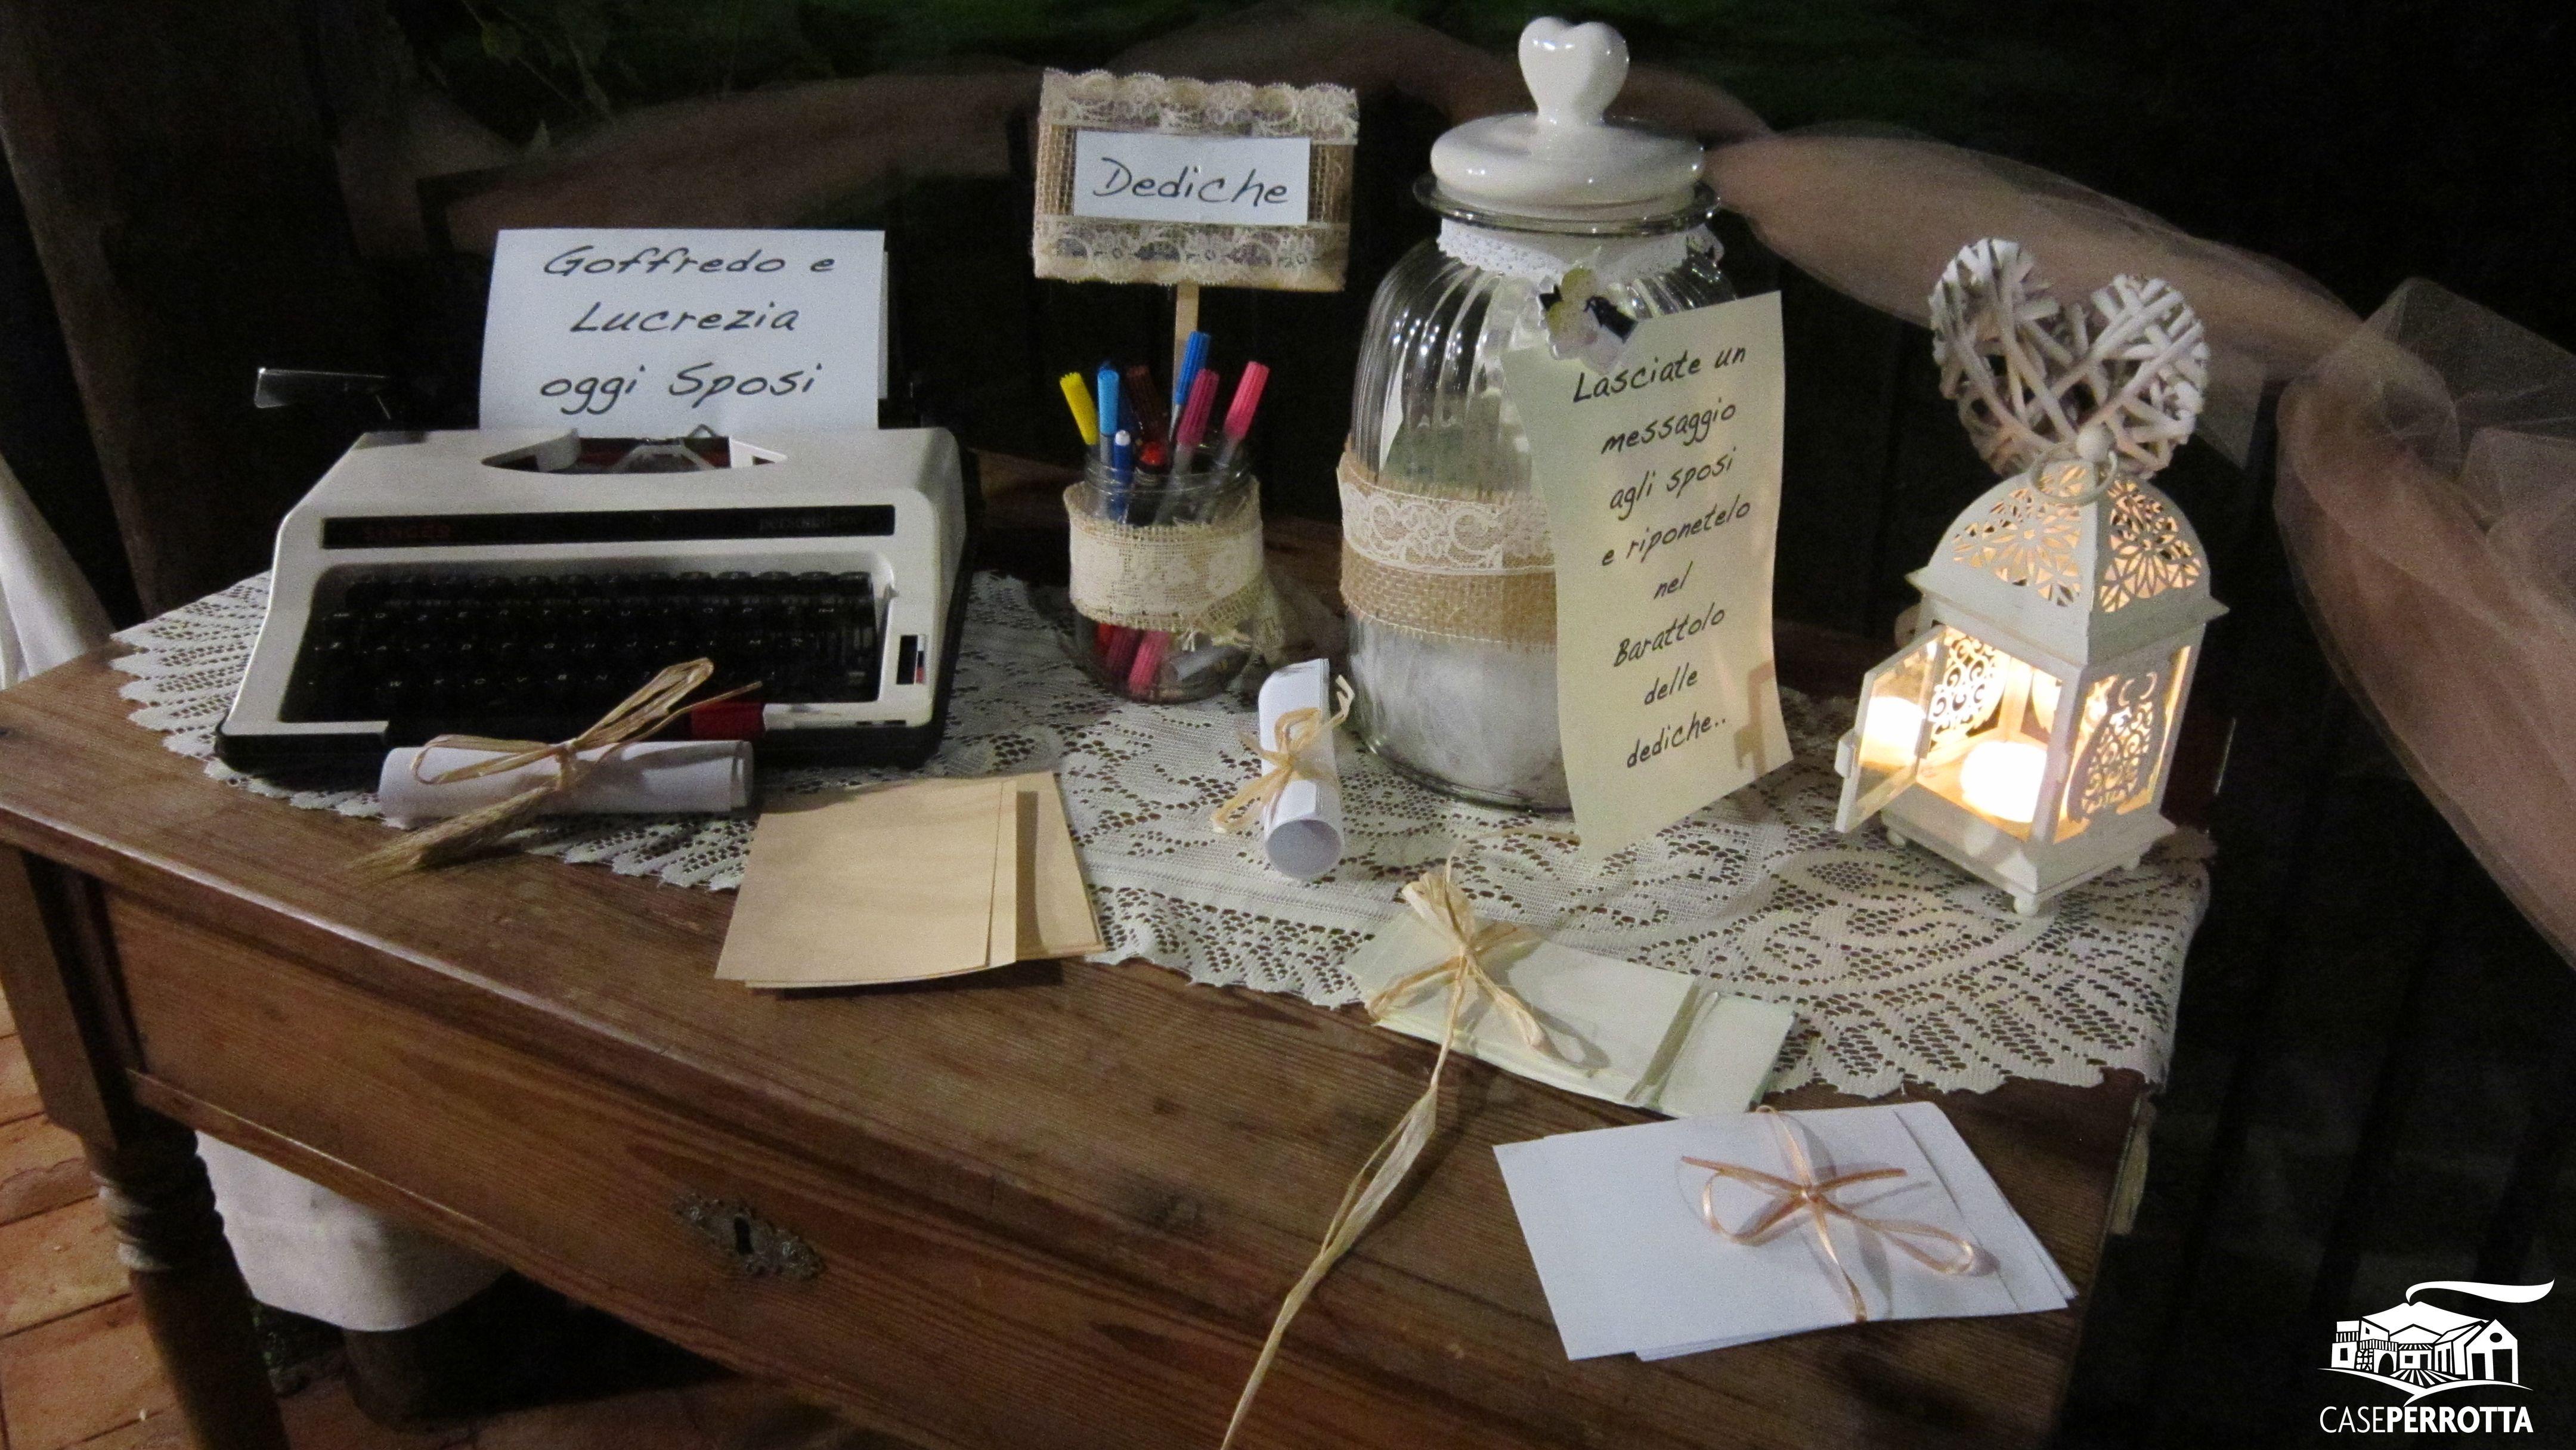 Shabby Chic Matrimonio Tavoli : Tavolo delle dediche per gli sposi per nozze in stile shabby chic